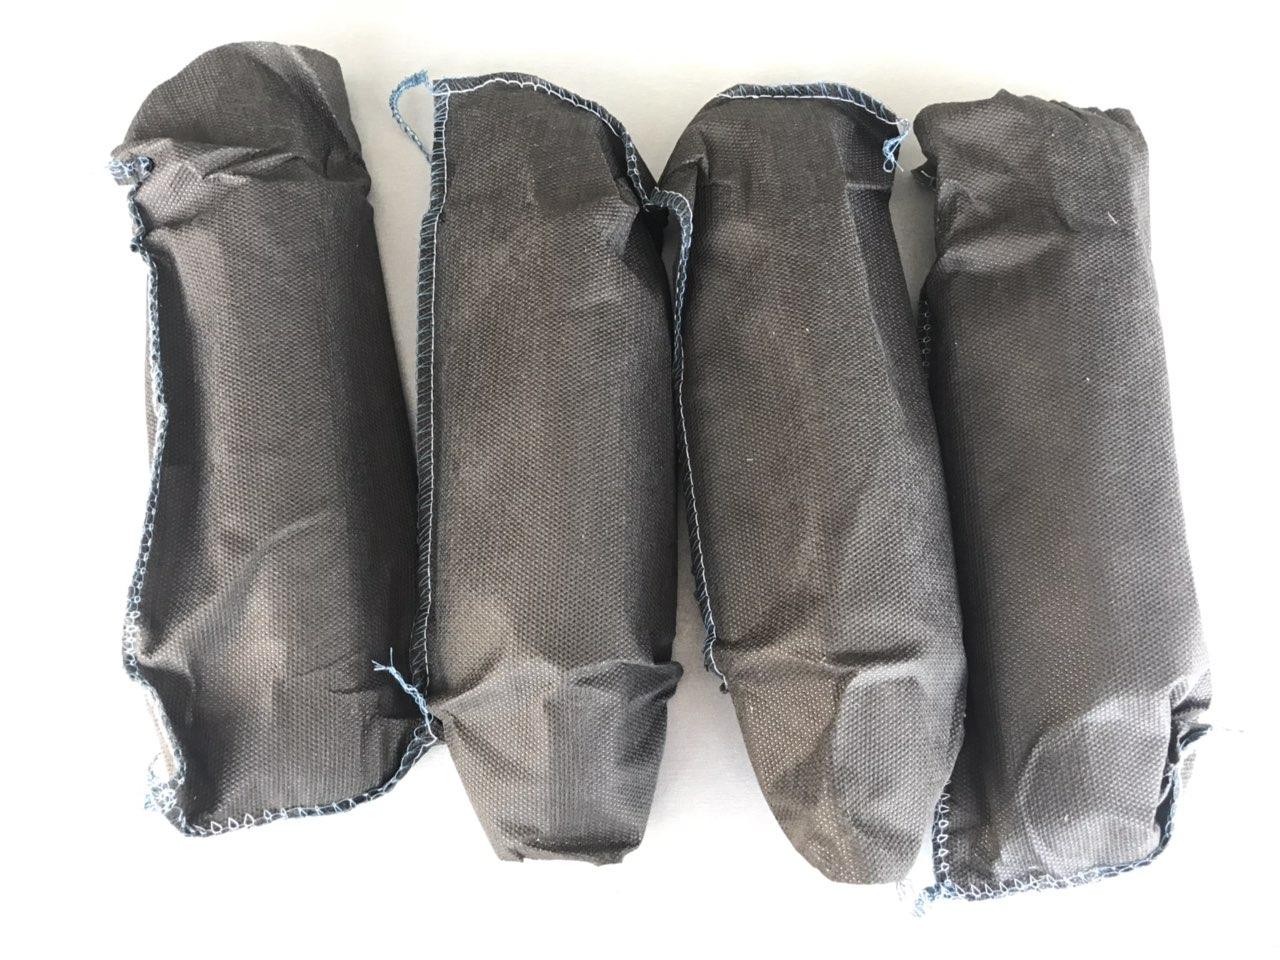 Фото упаковки Евроручек на ВАЗ 2110-2112 / 2170-2172 Приора Космос Рысь